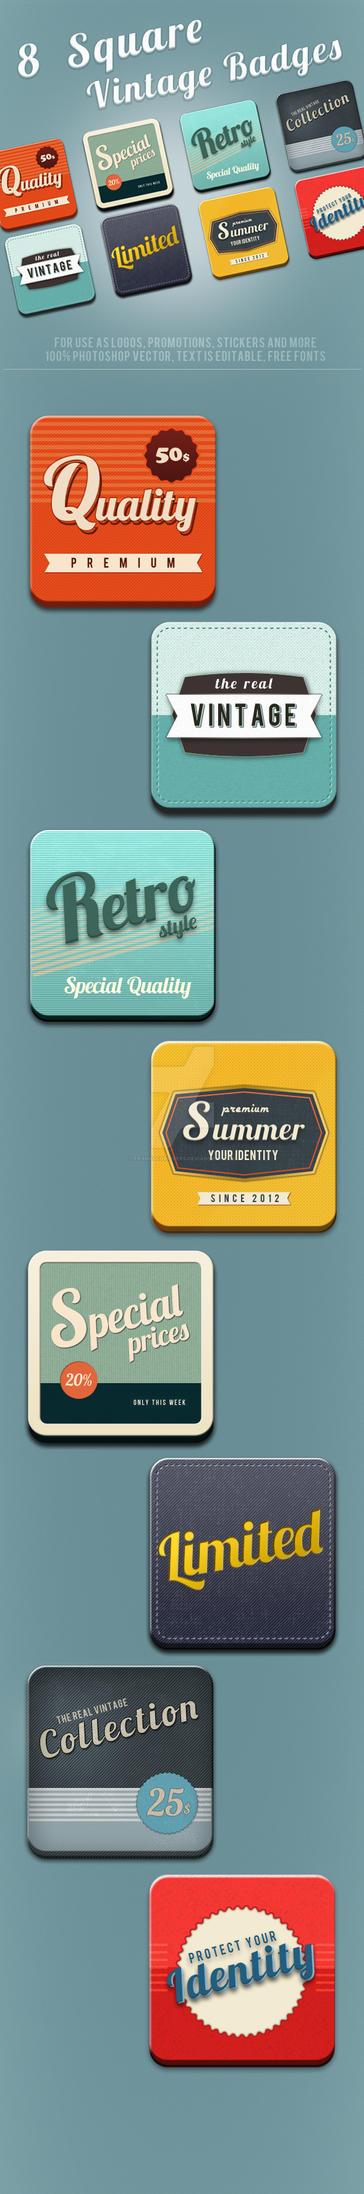 8 Square Vintage Badges by frankschrijvers